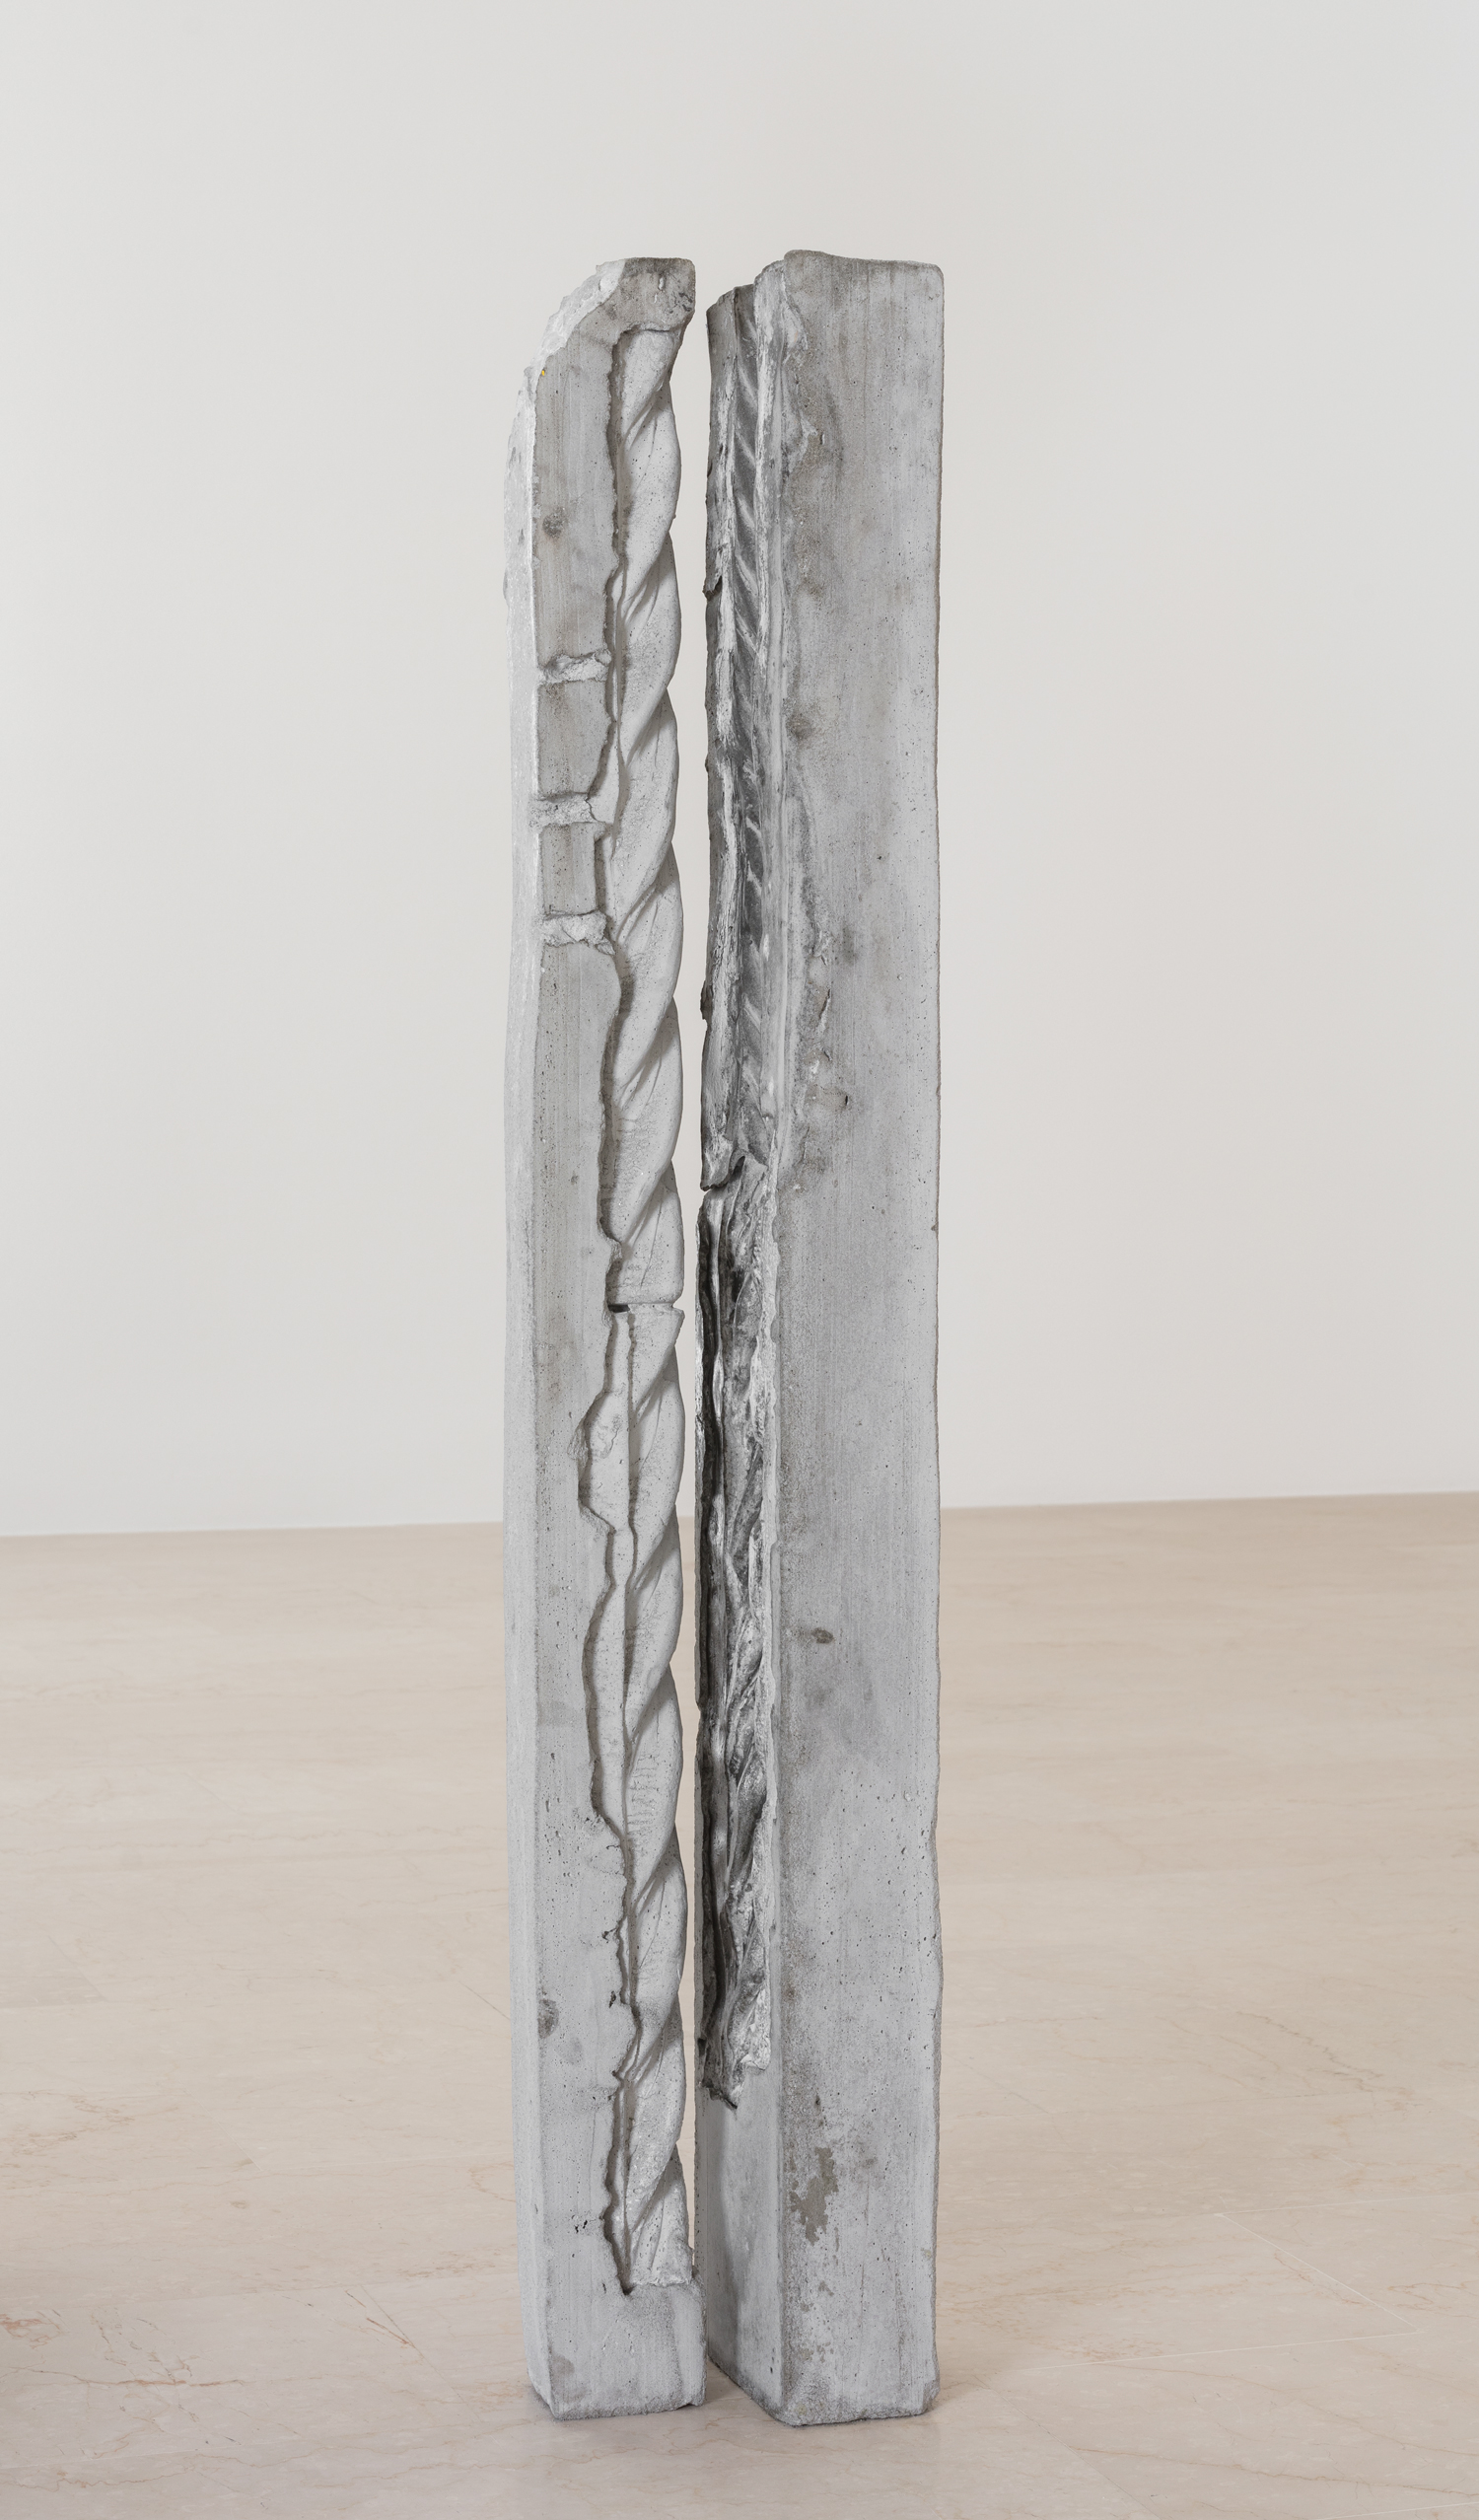 To be two 2018  June Crespo   Concrete 125 x 22 x 17 cm Courtesy of the artist and P420, Bologna   Photo: Carlo Favero